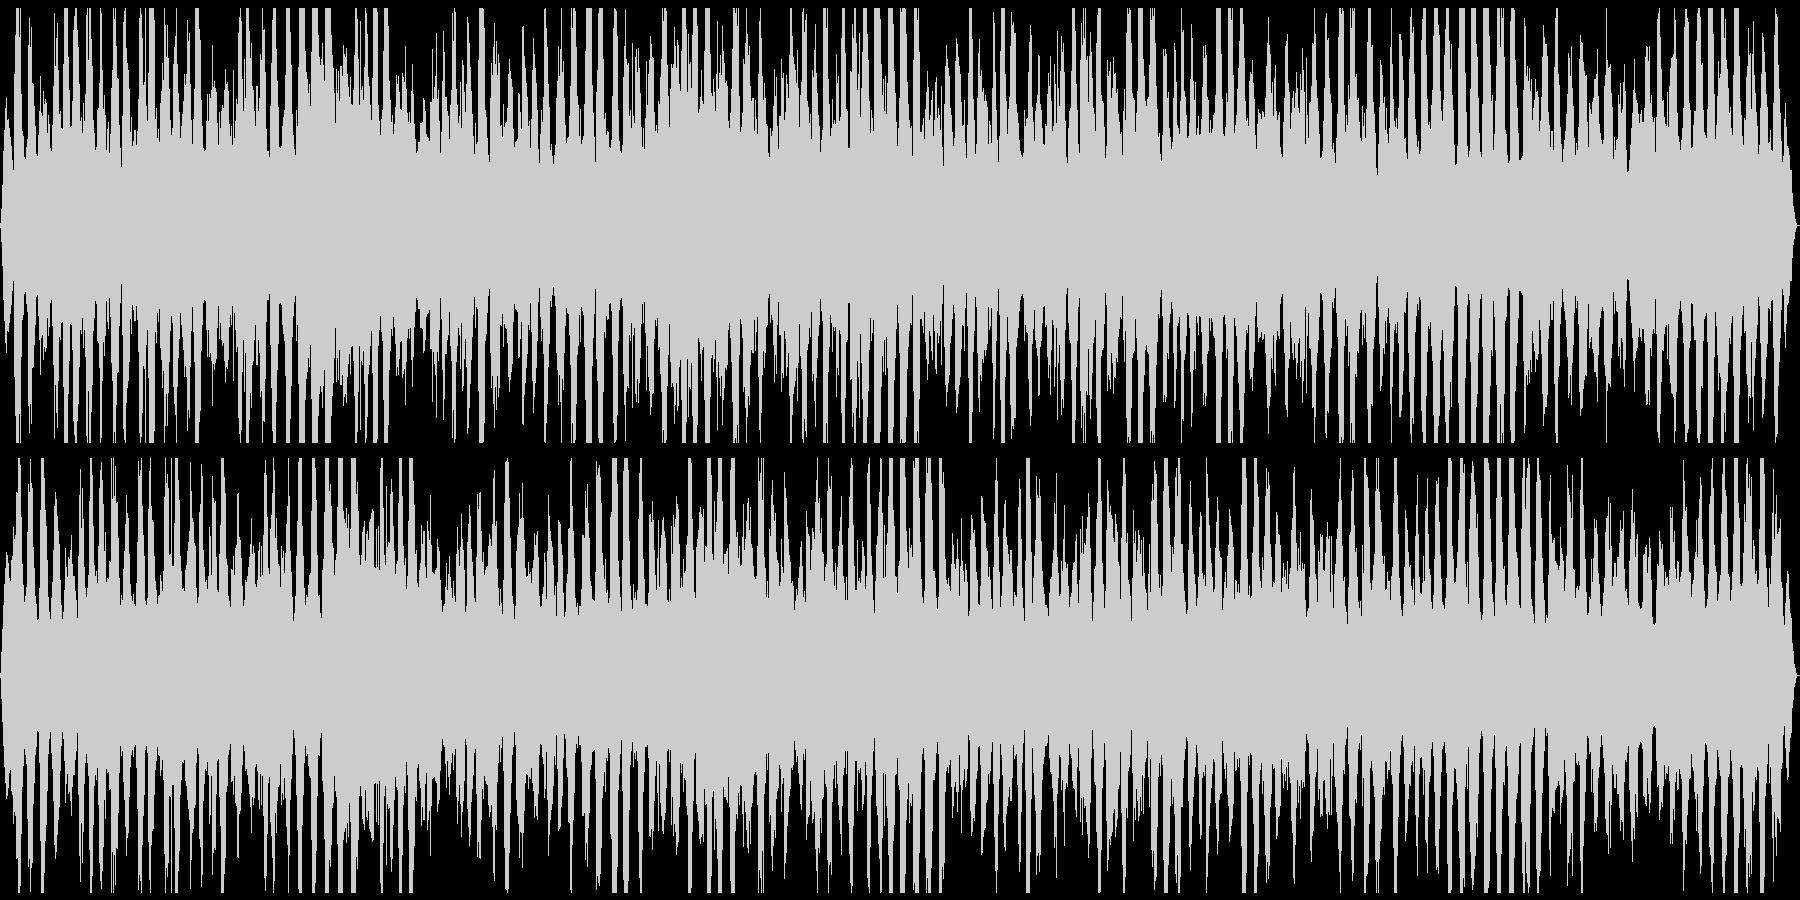 ザッパーン うねる荒波 迫力のステレオの未再生の波形